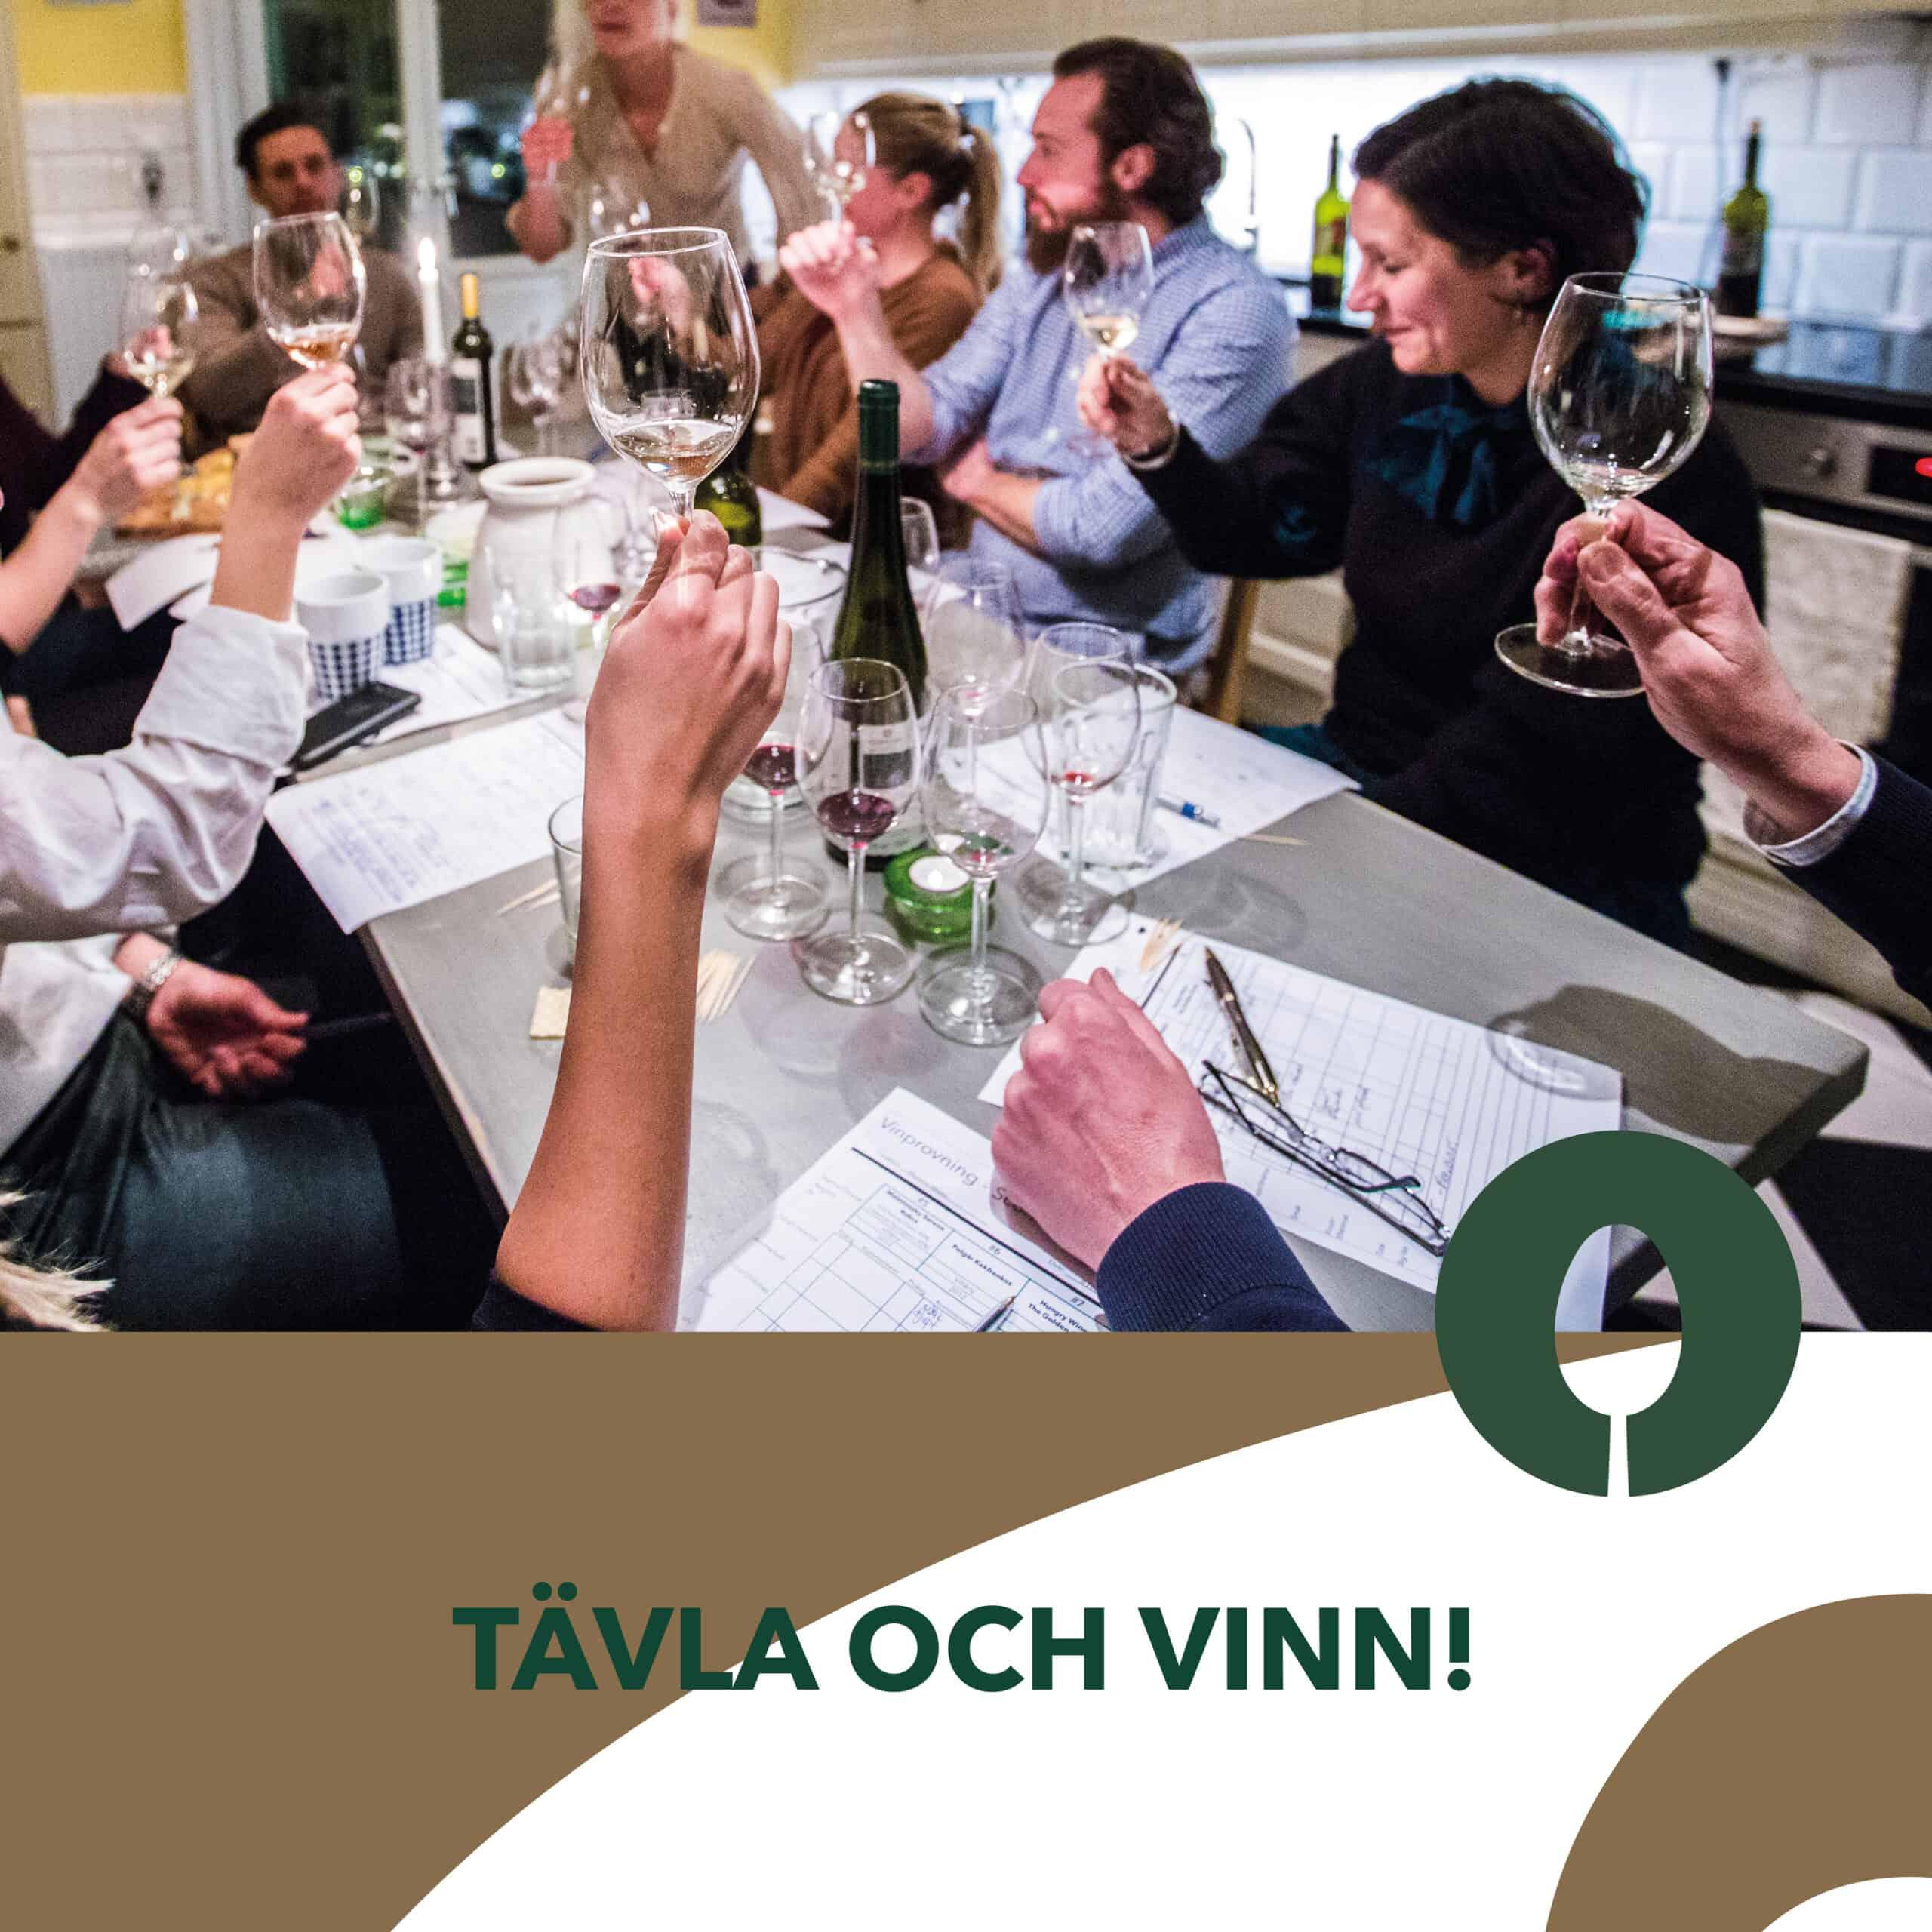 Tävling – vinn exklusiv hemmavinprovning